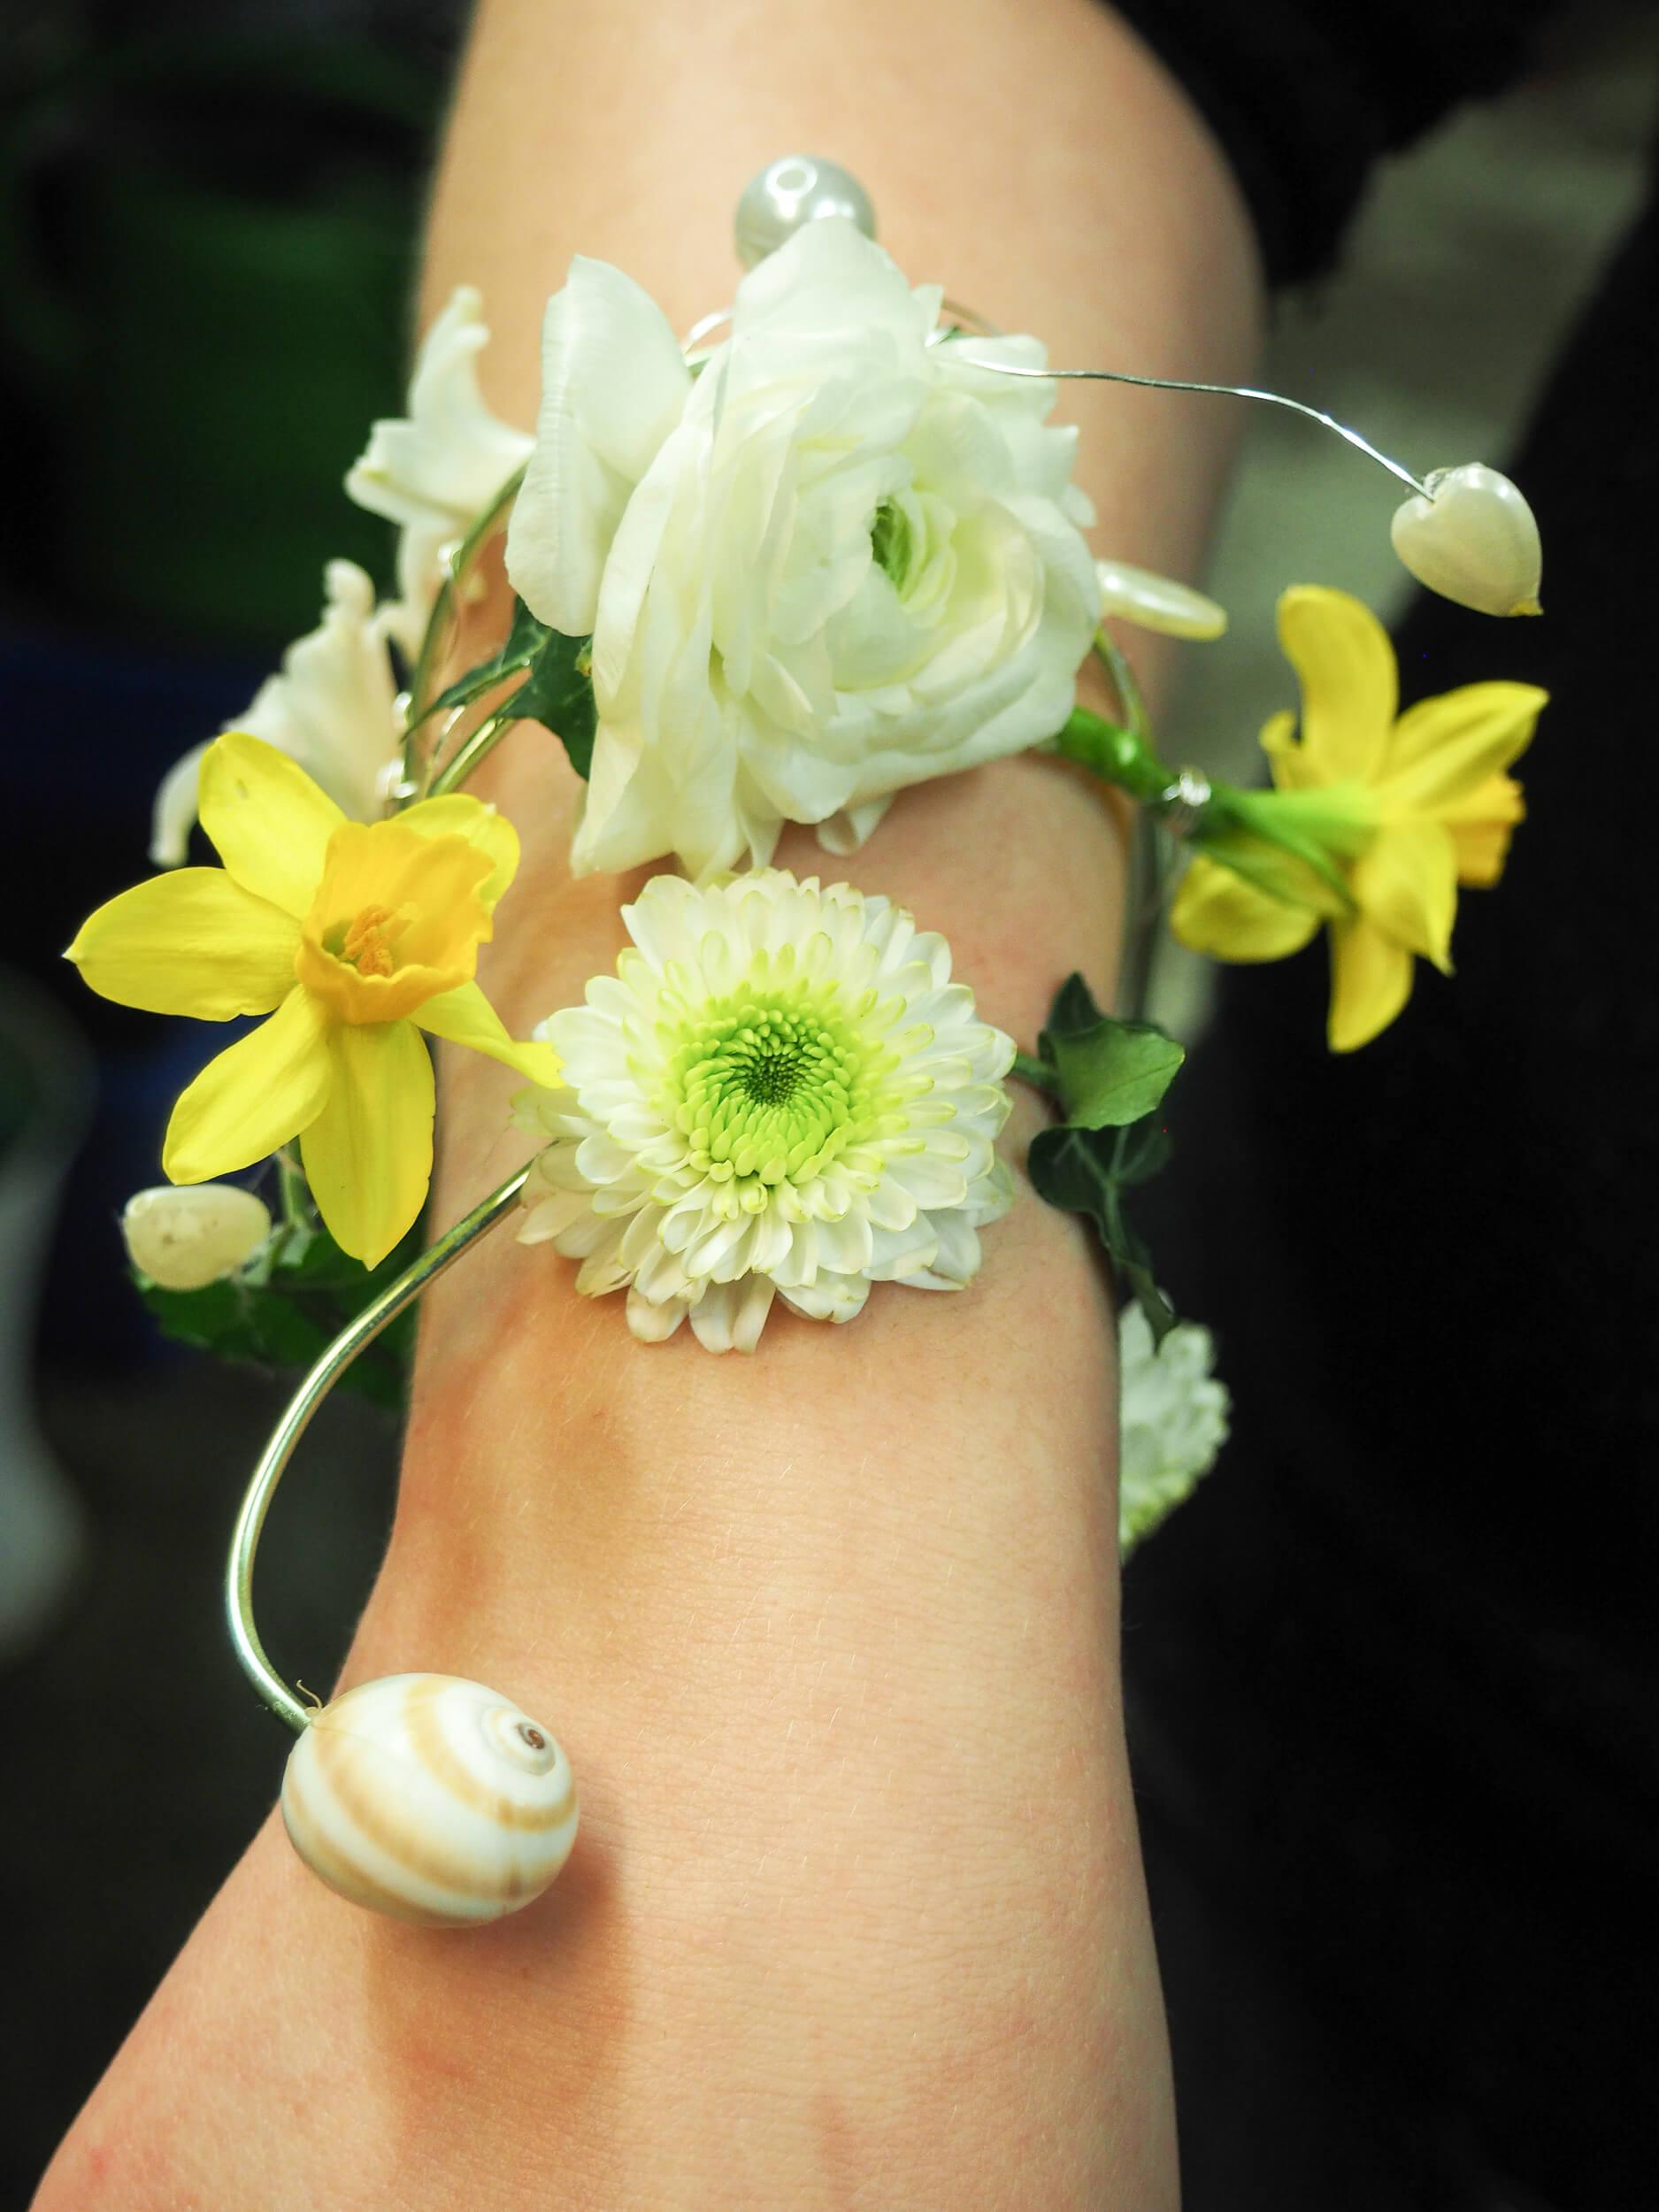 Armband mit frischen Blumen